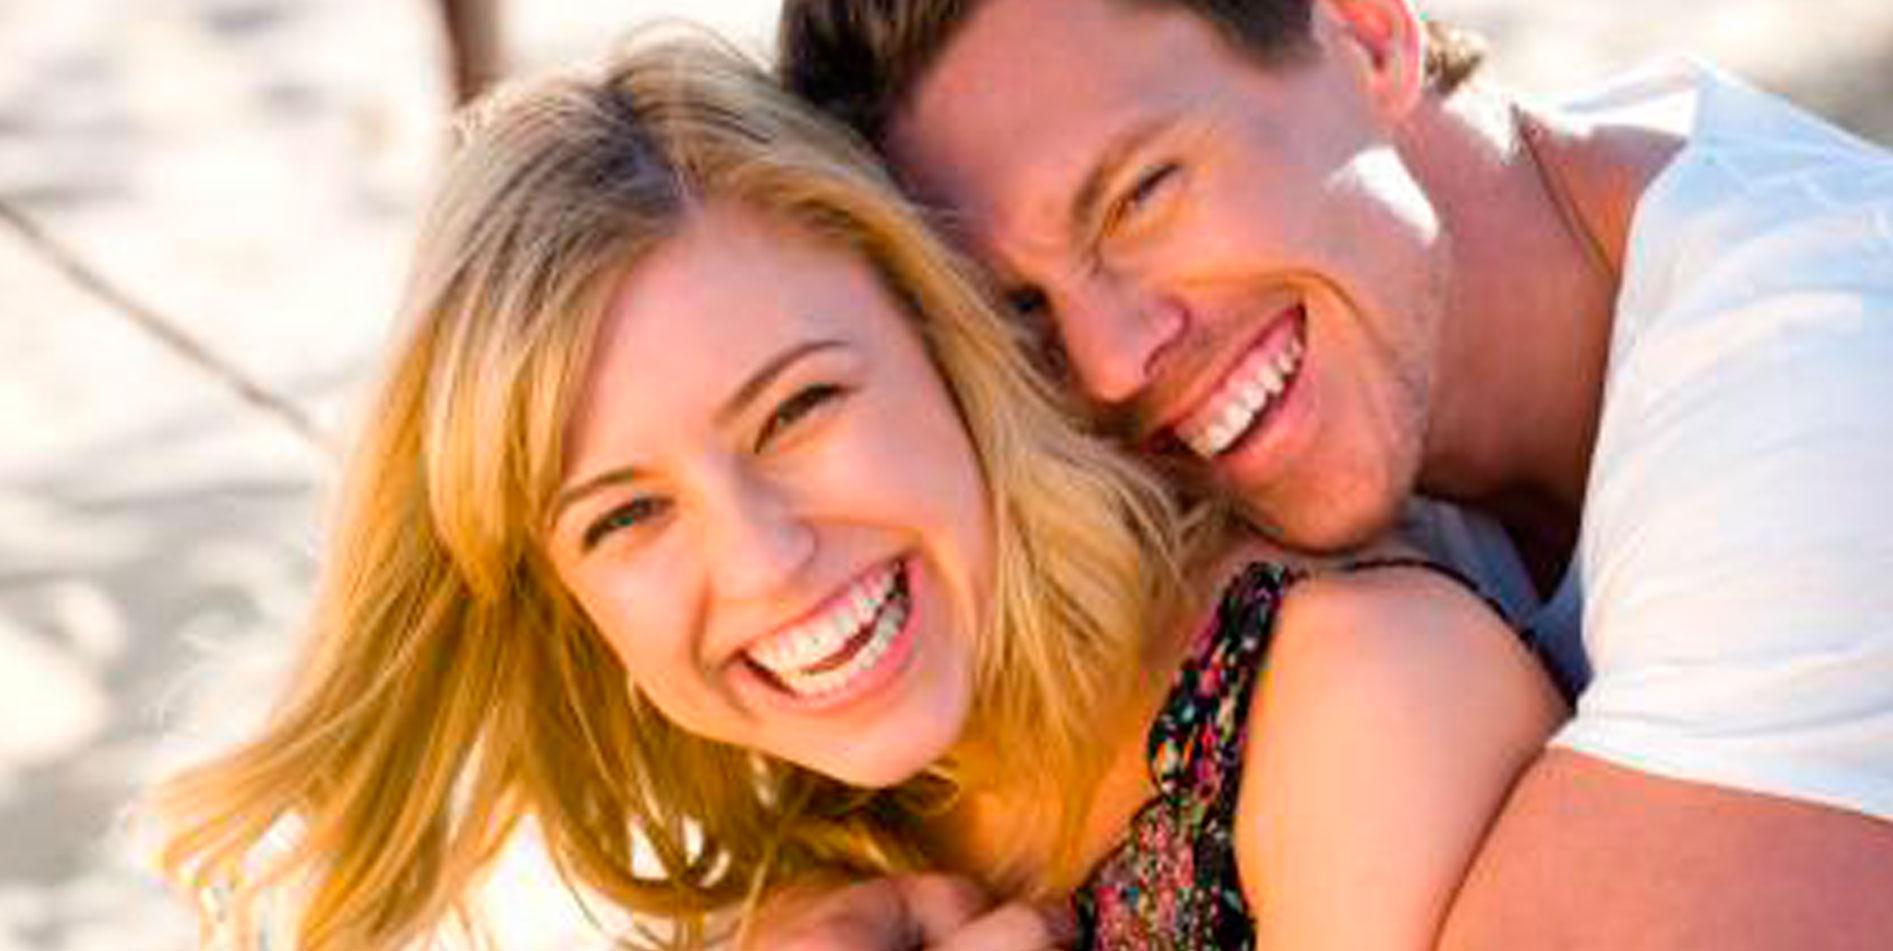 datingsites vergelijken Doetinchem